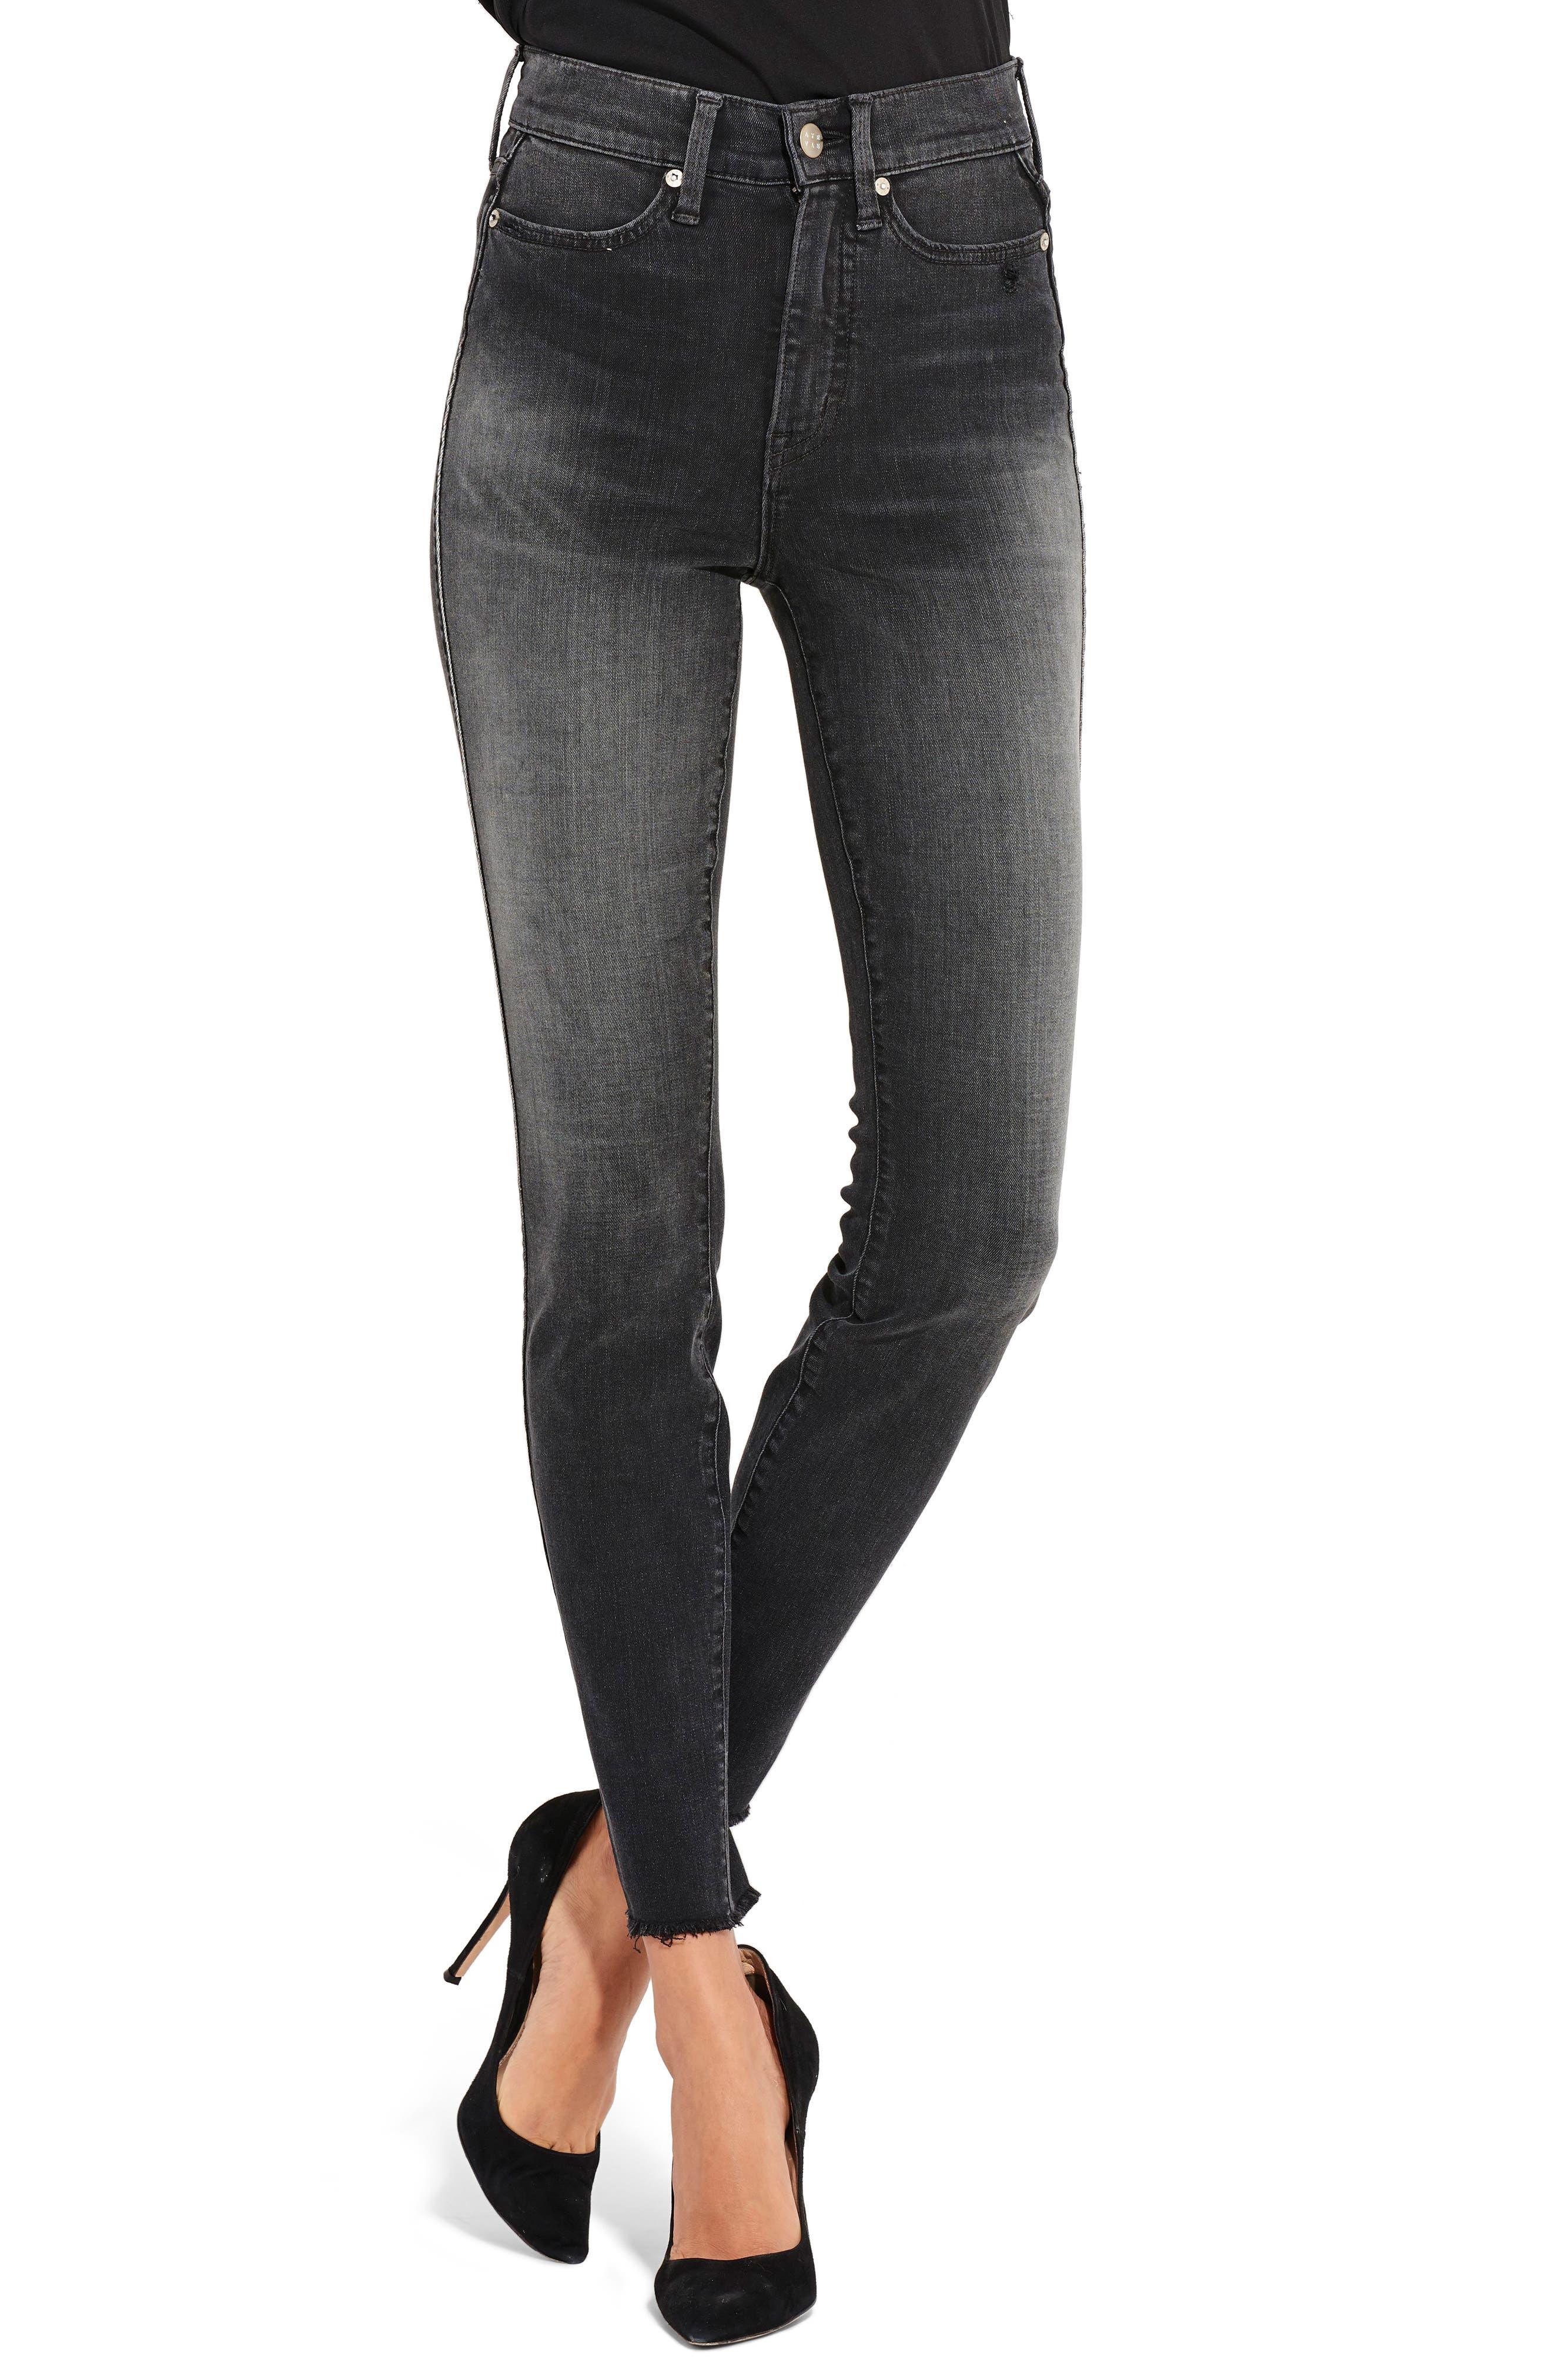 Alternate Image 1 Selected - AYR The Riser Skinny Jeans (Strobe)